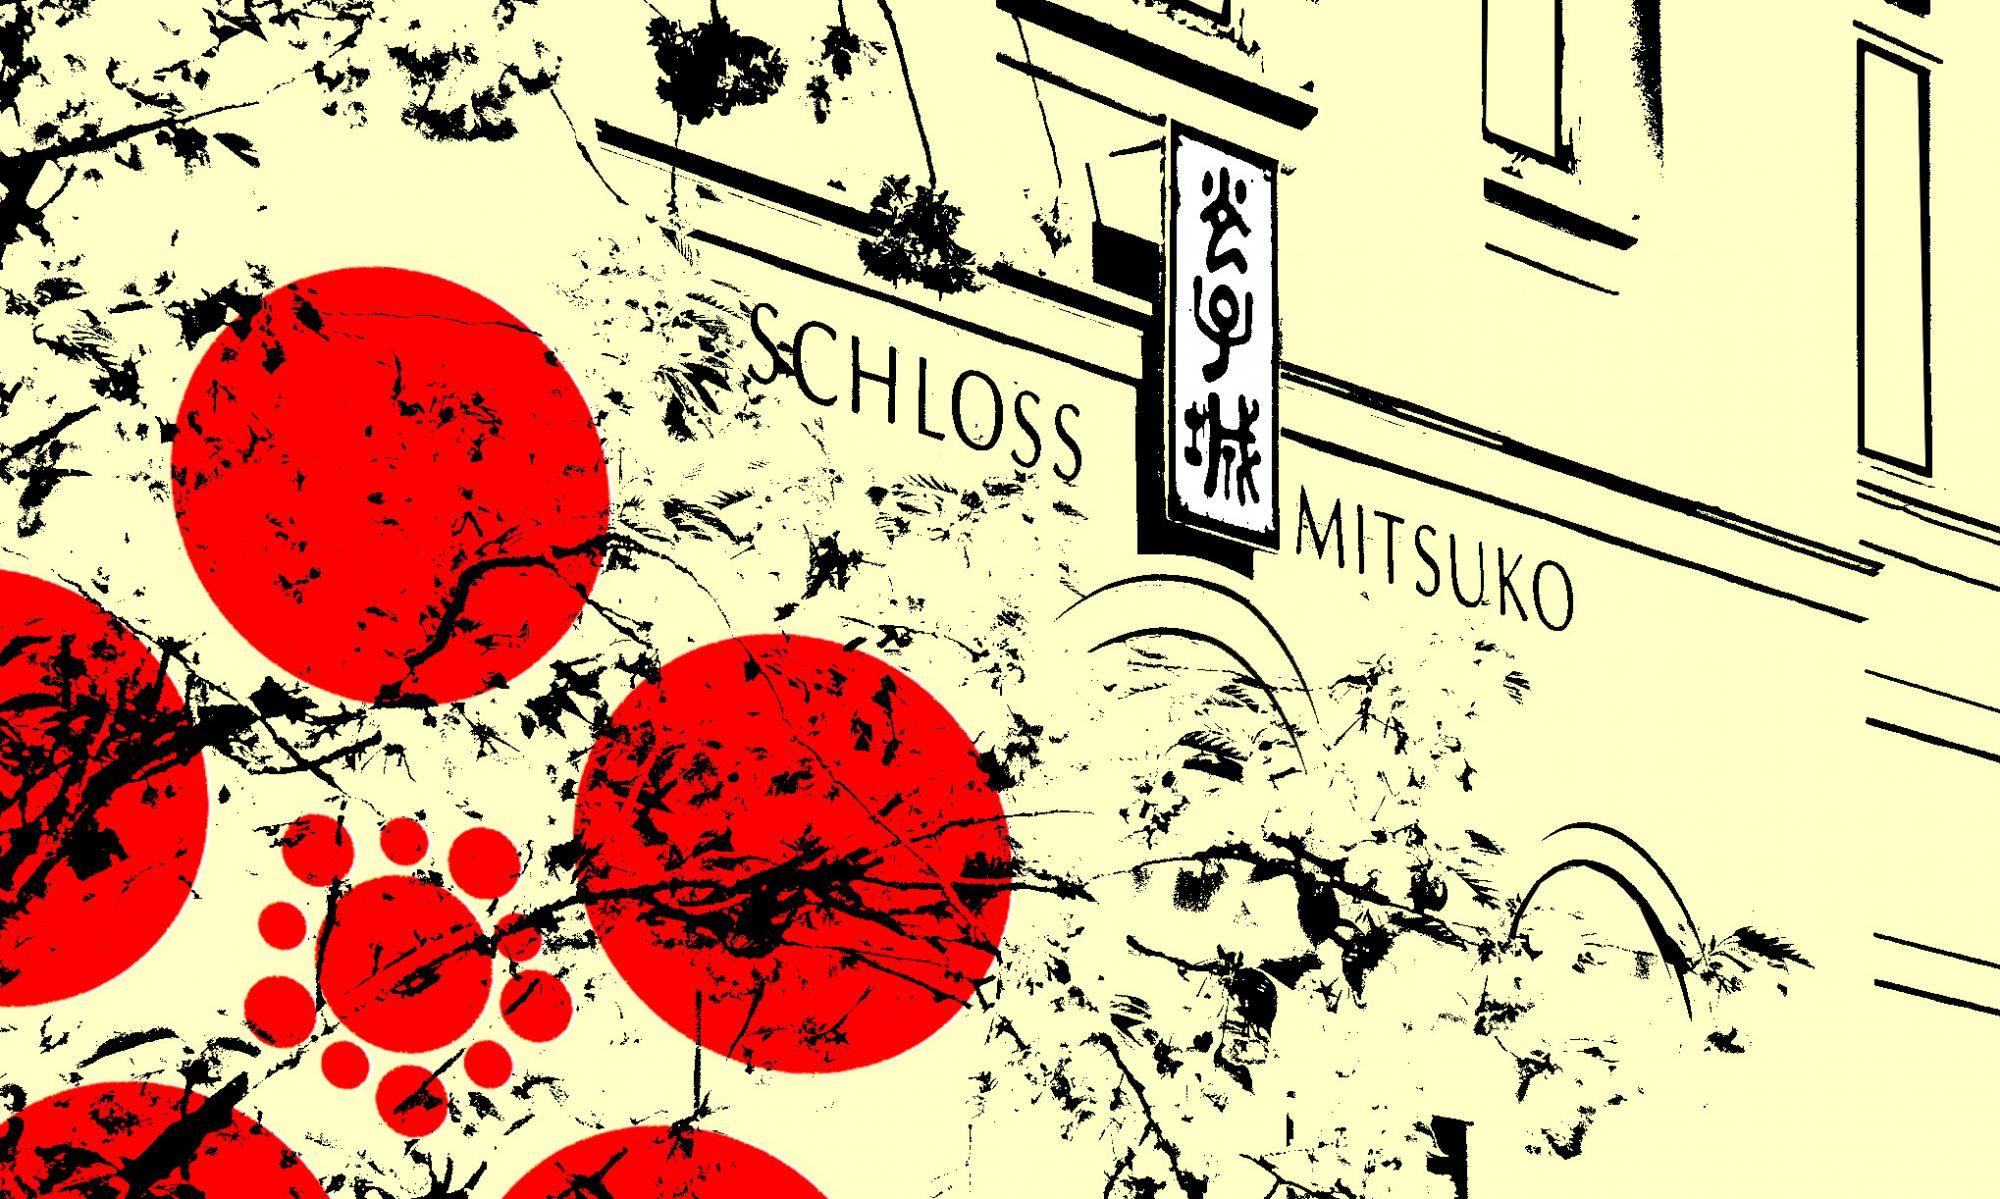 Schloss Mitsuko